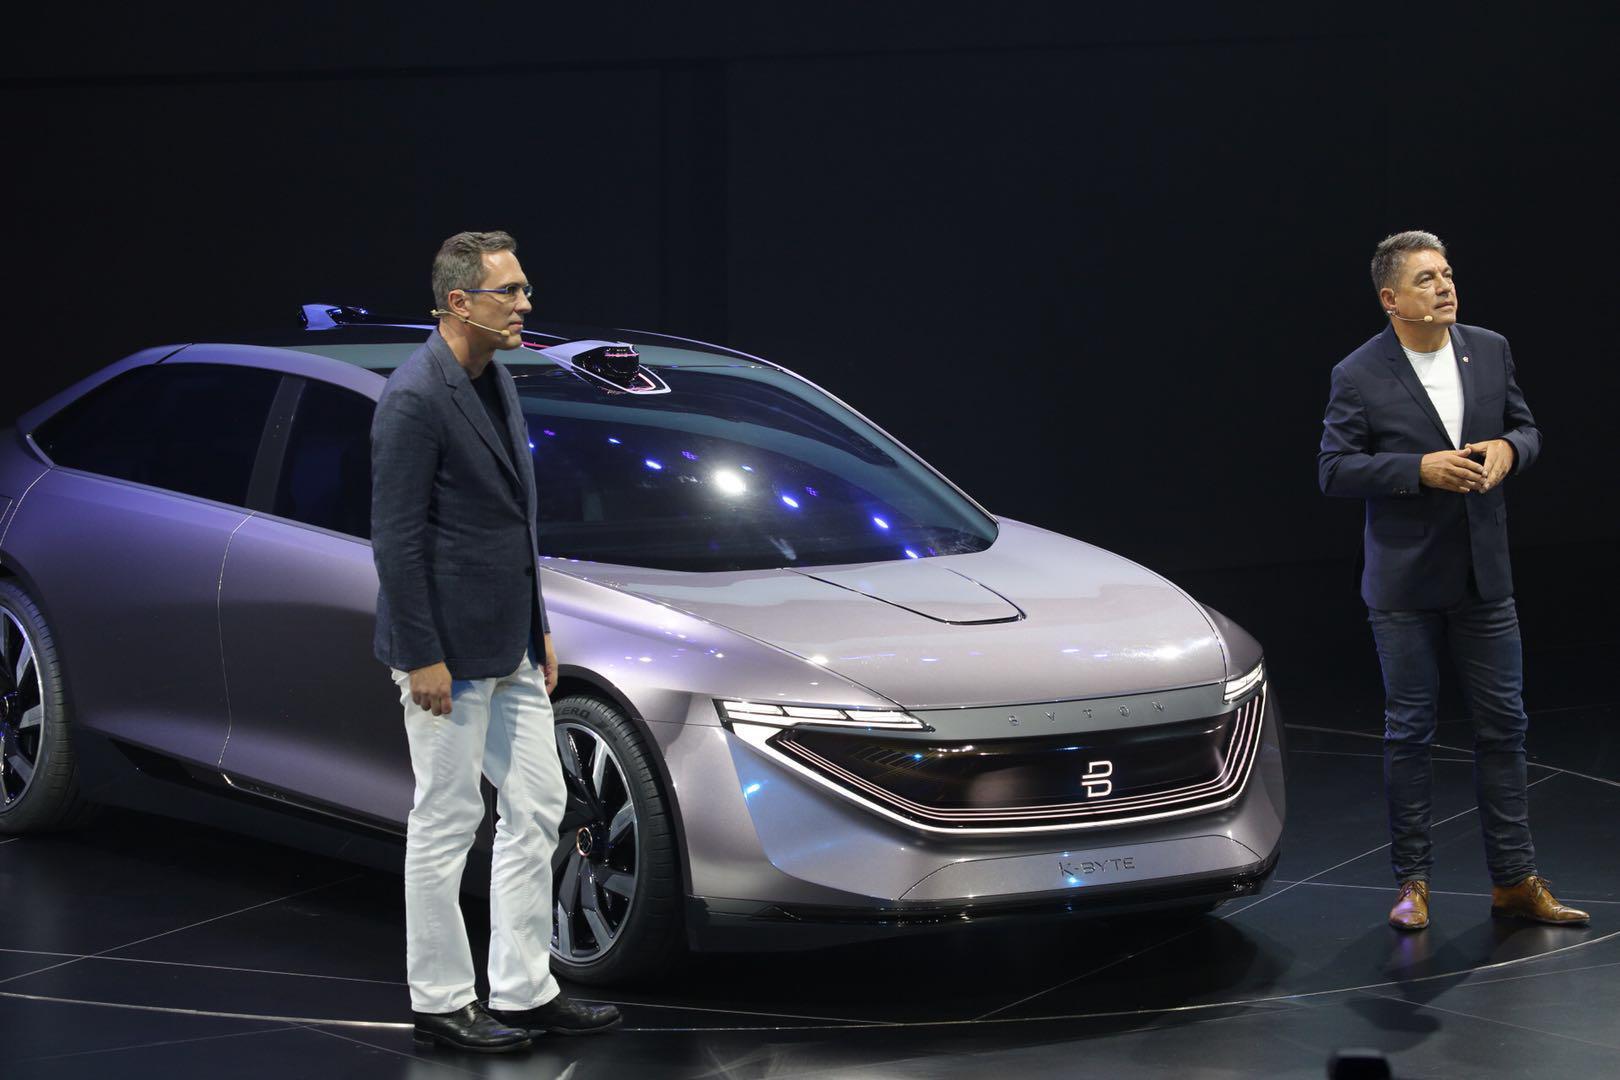 拜腾全球首发概念轿车K-Byte 融合自动驾驶新元素